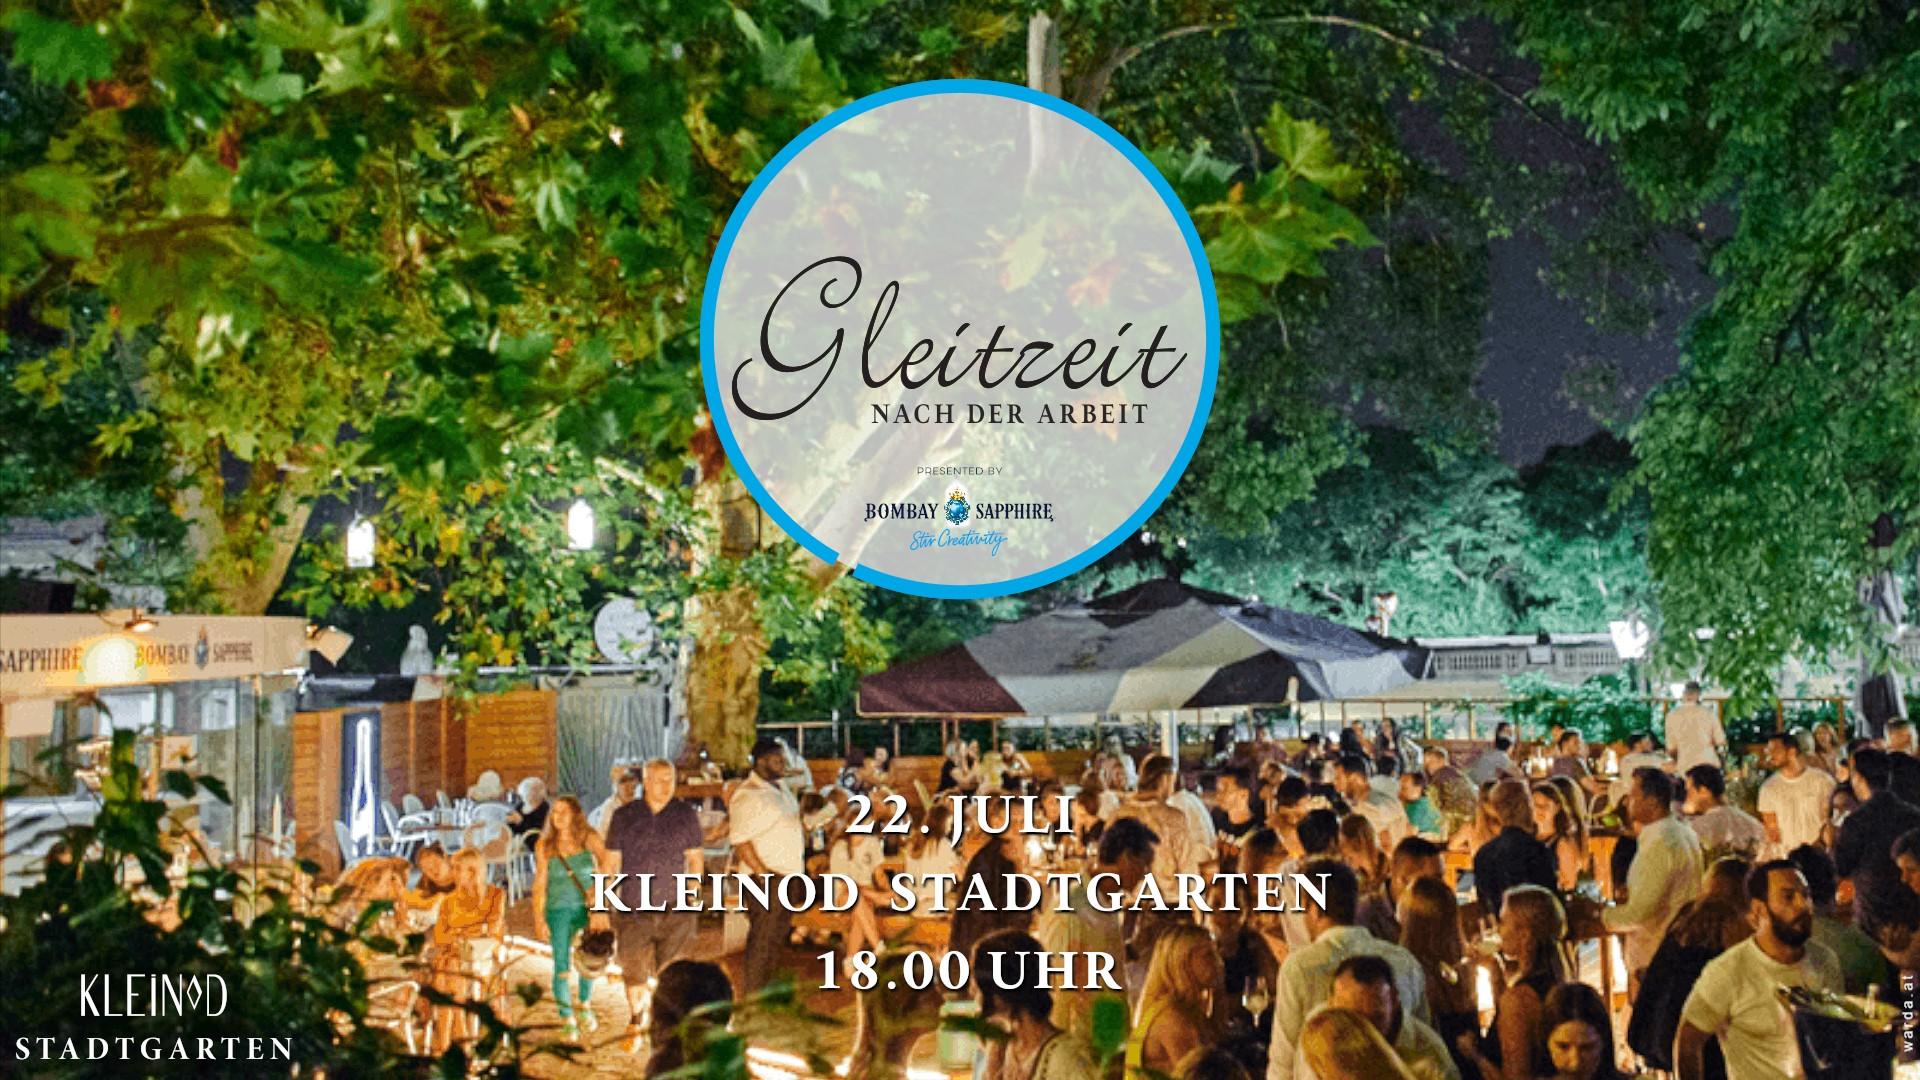 Events Wien: Gleitzeit Afterwork im Kleinod Stadtgarten – 22. Juli